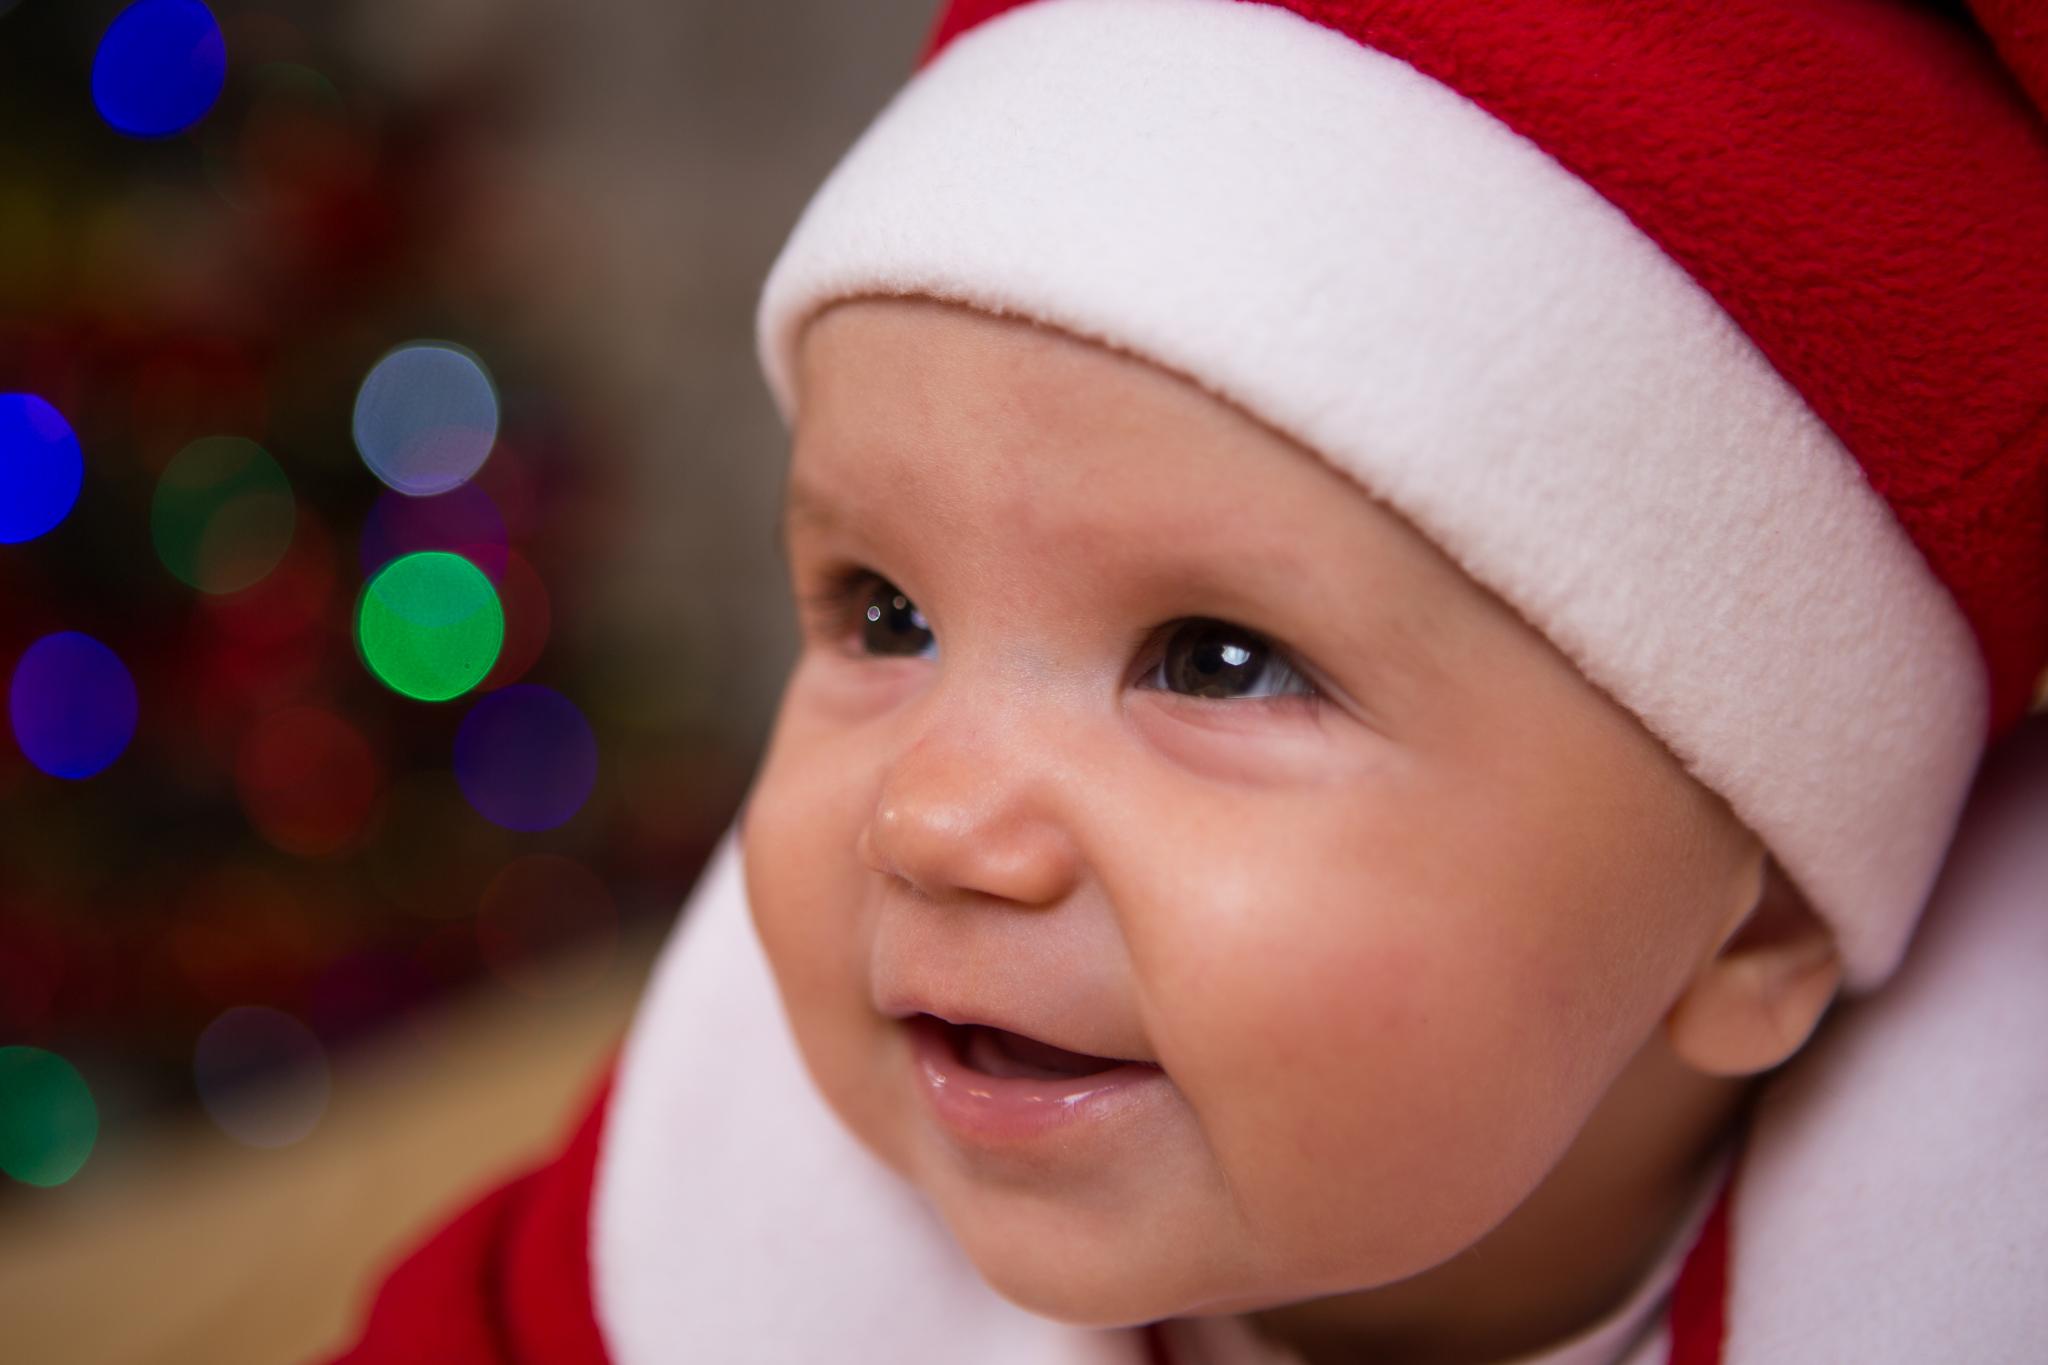 antonia elena 231 of 350 Ședință foto de Crăciun